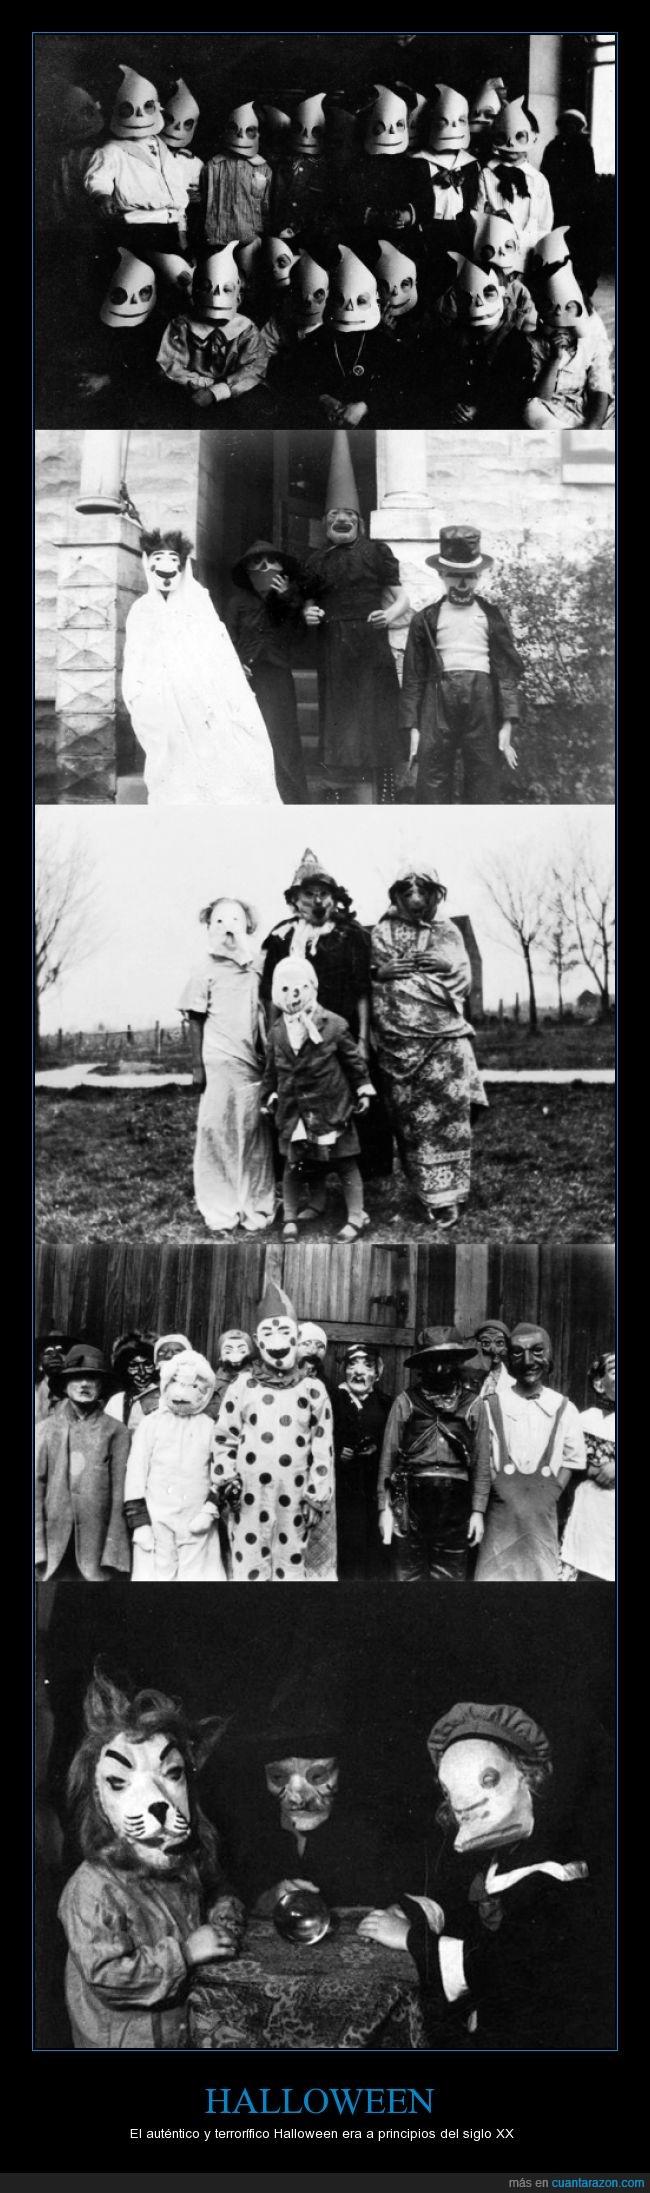 bruja,disfraz,Halloween,león,miedo,siglo xx,traje